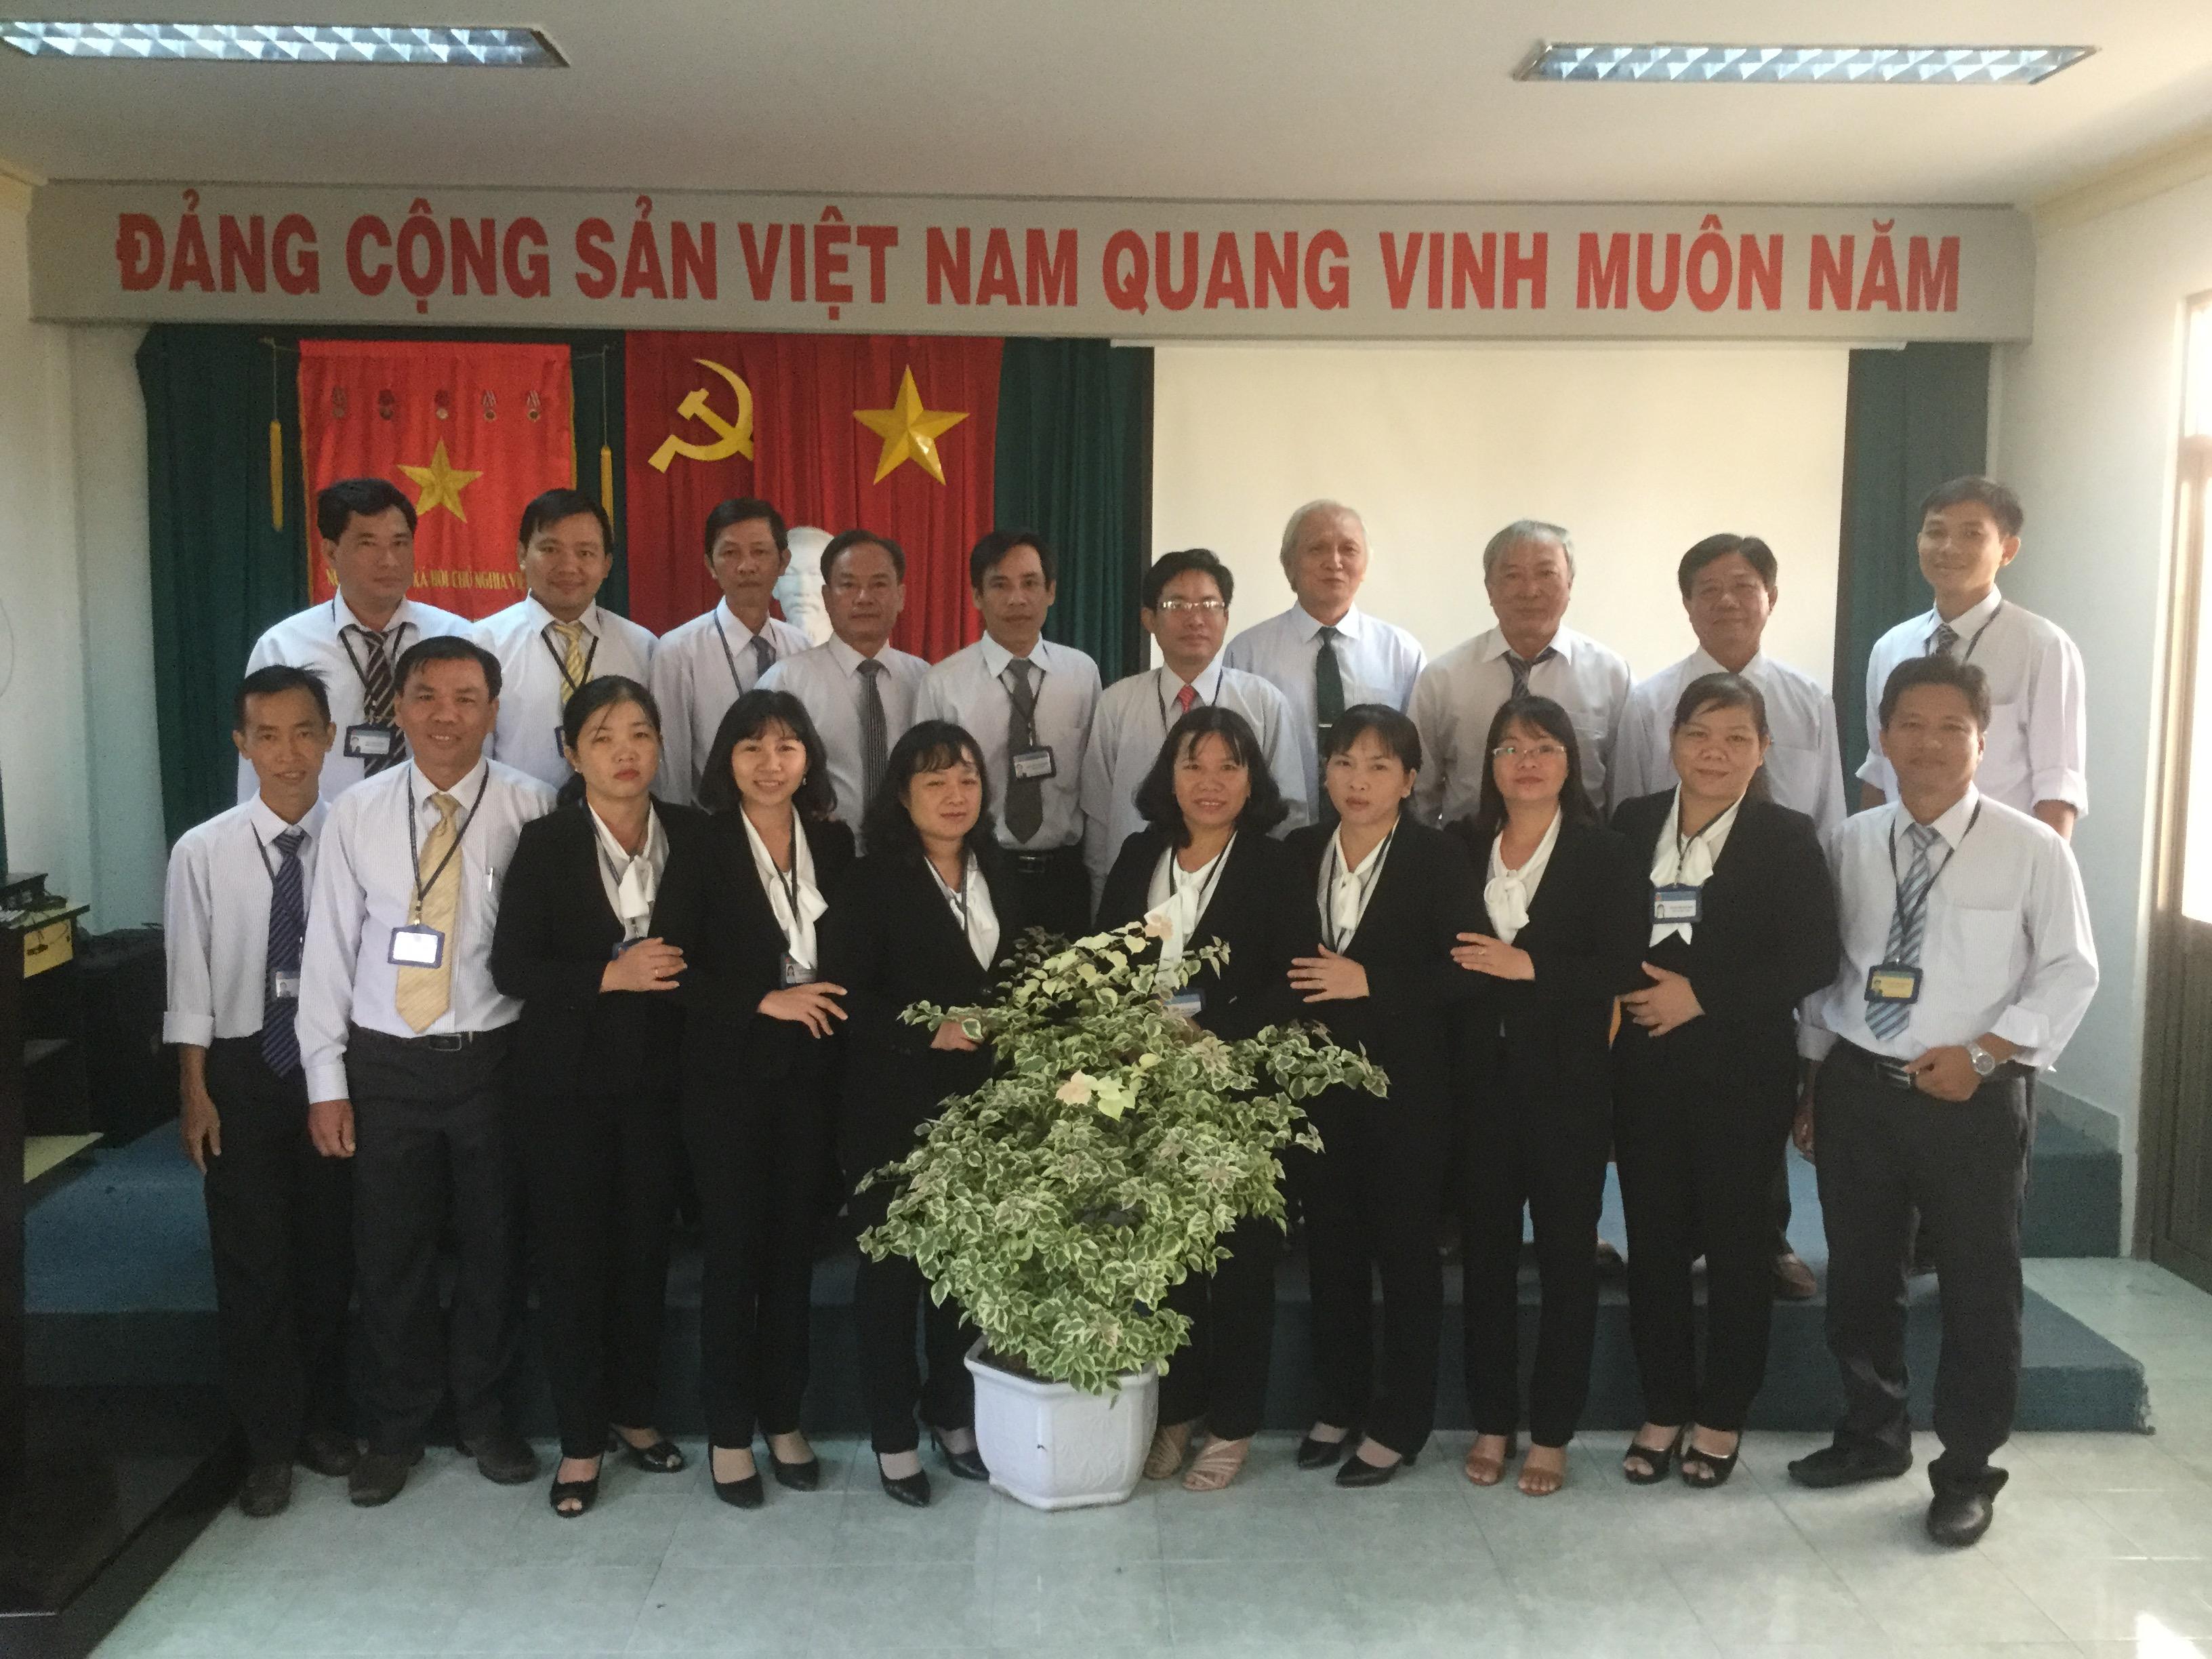 Chi bộ Cục Thống kê họp mặt kỷ niệm 88 năm ngày thành lập Đảng cộng sản Việt Nam (03/02/1945 – 03/02/2018)